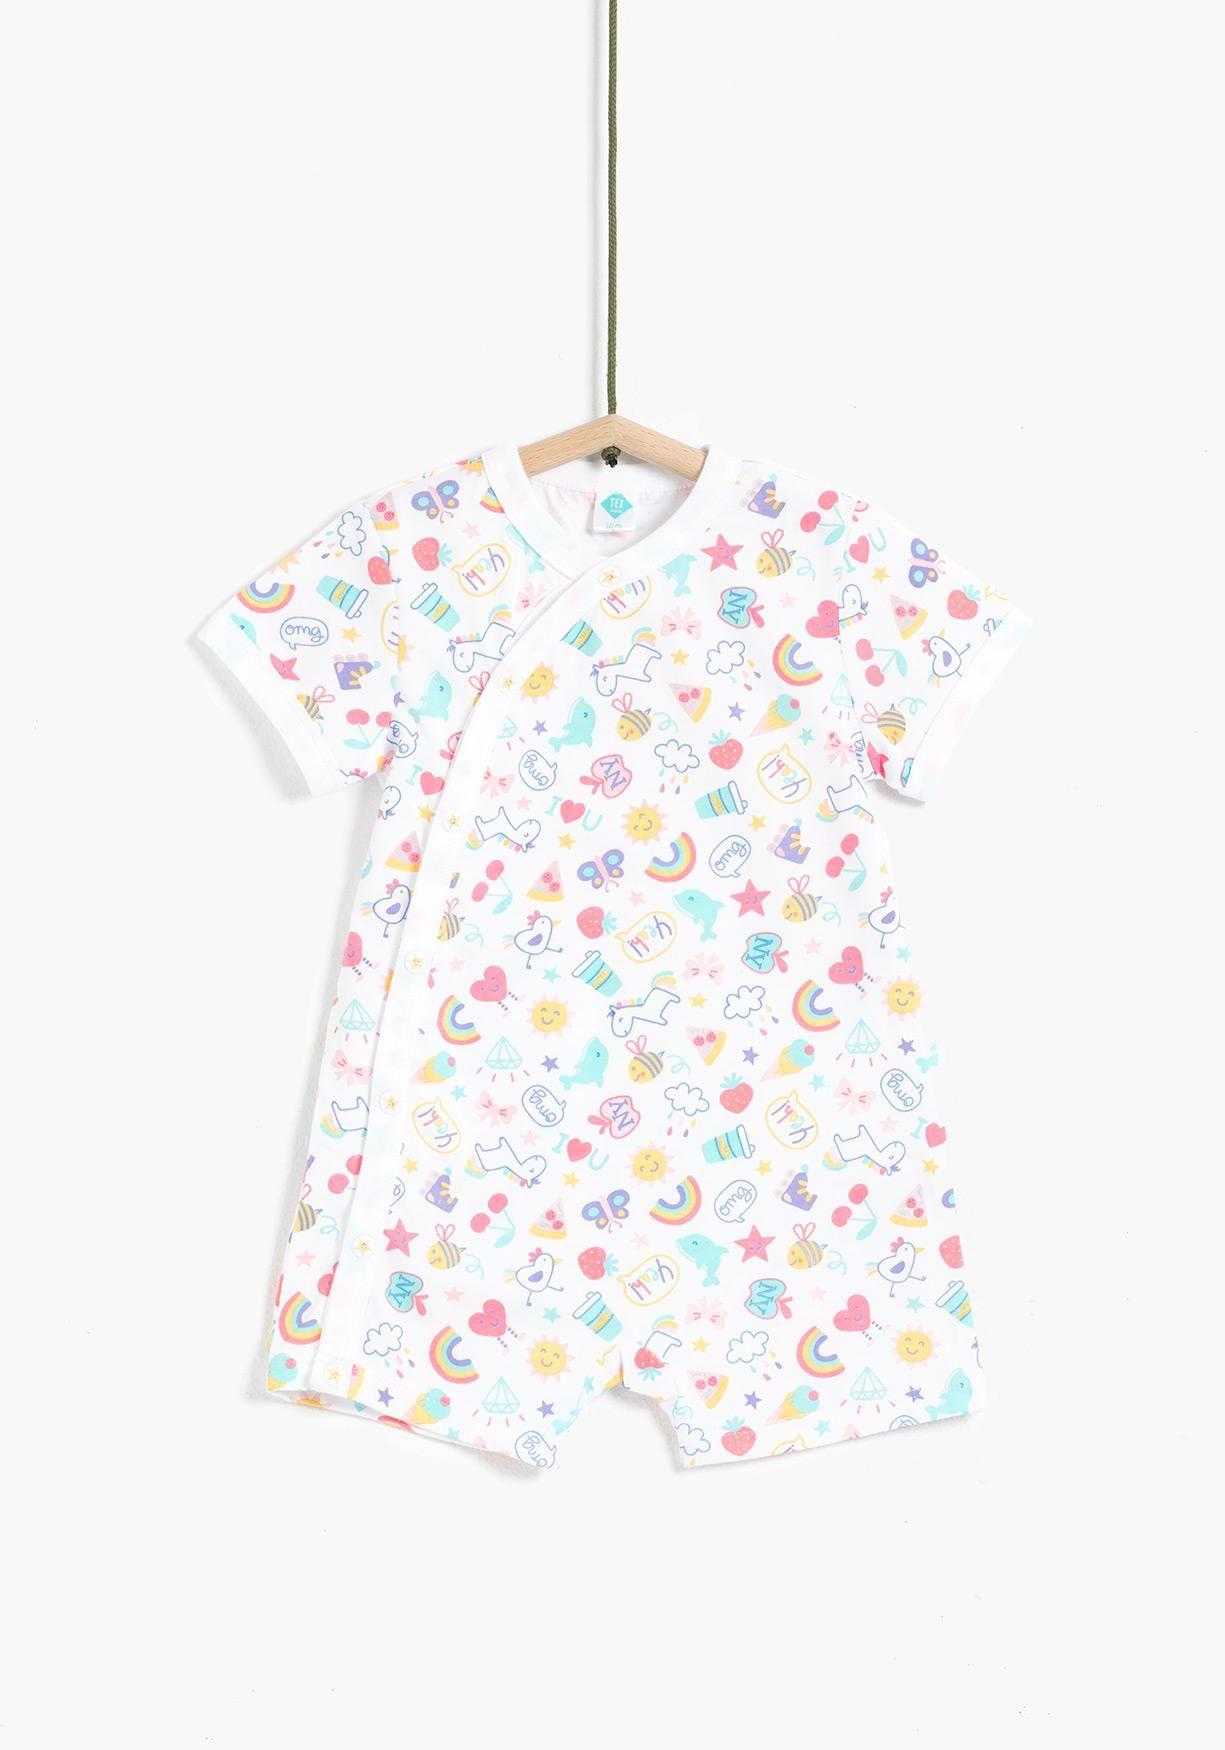 88b05a3be Ofertas en Moda - Tu tienda de ropa online en Carrefour TEX